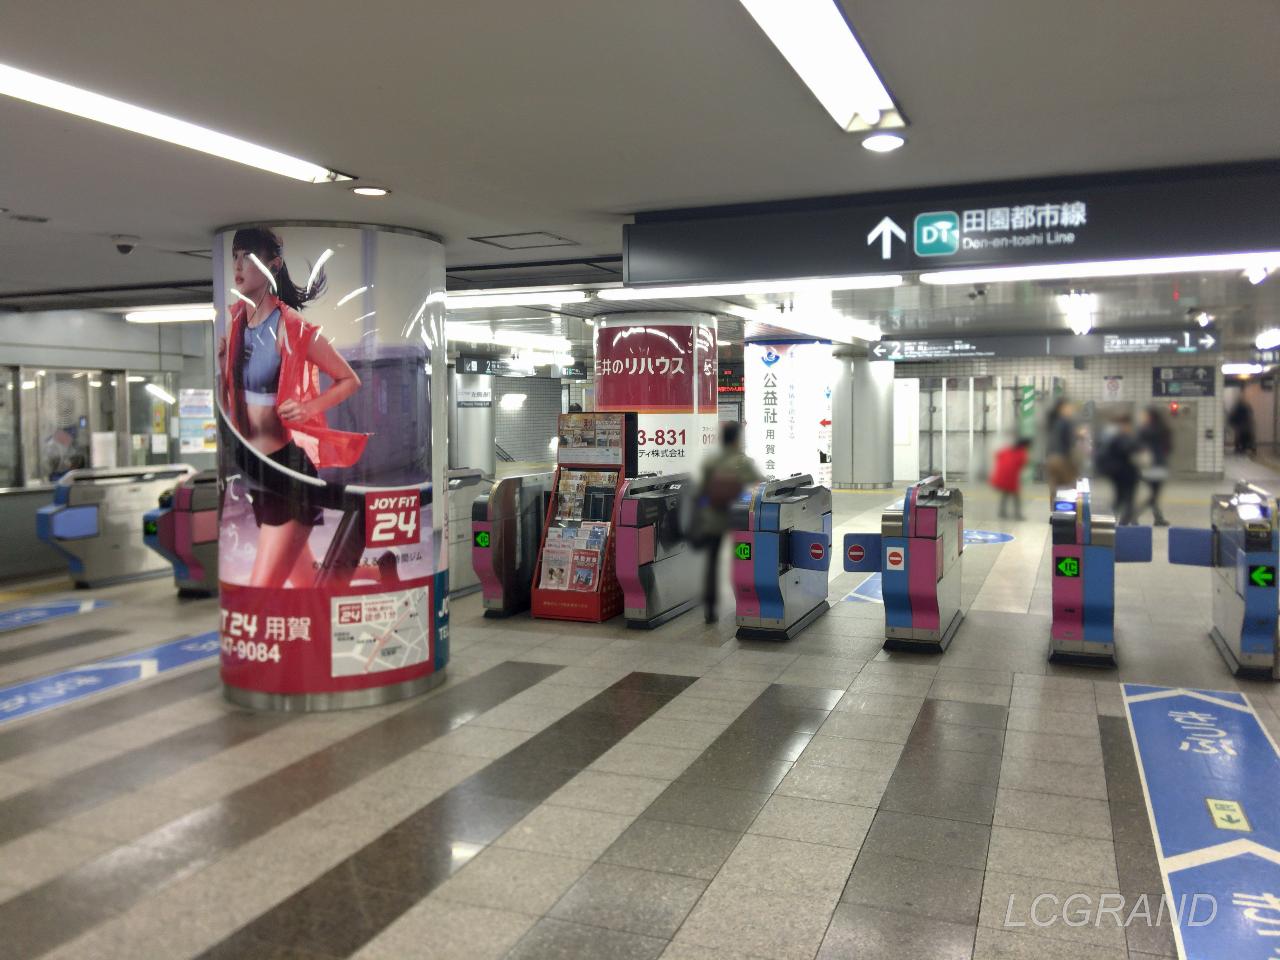 ビジネススクエアにも繋がっている用賀駅の改札口。